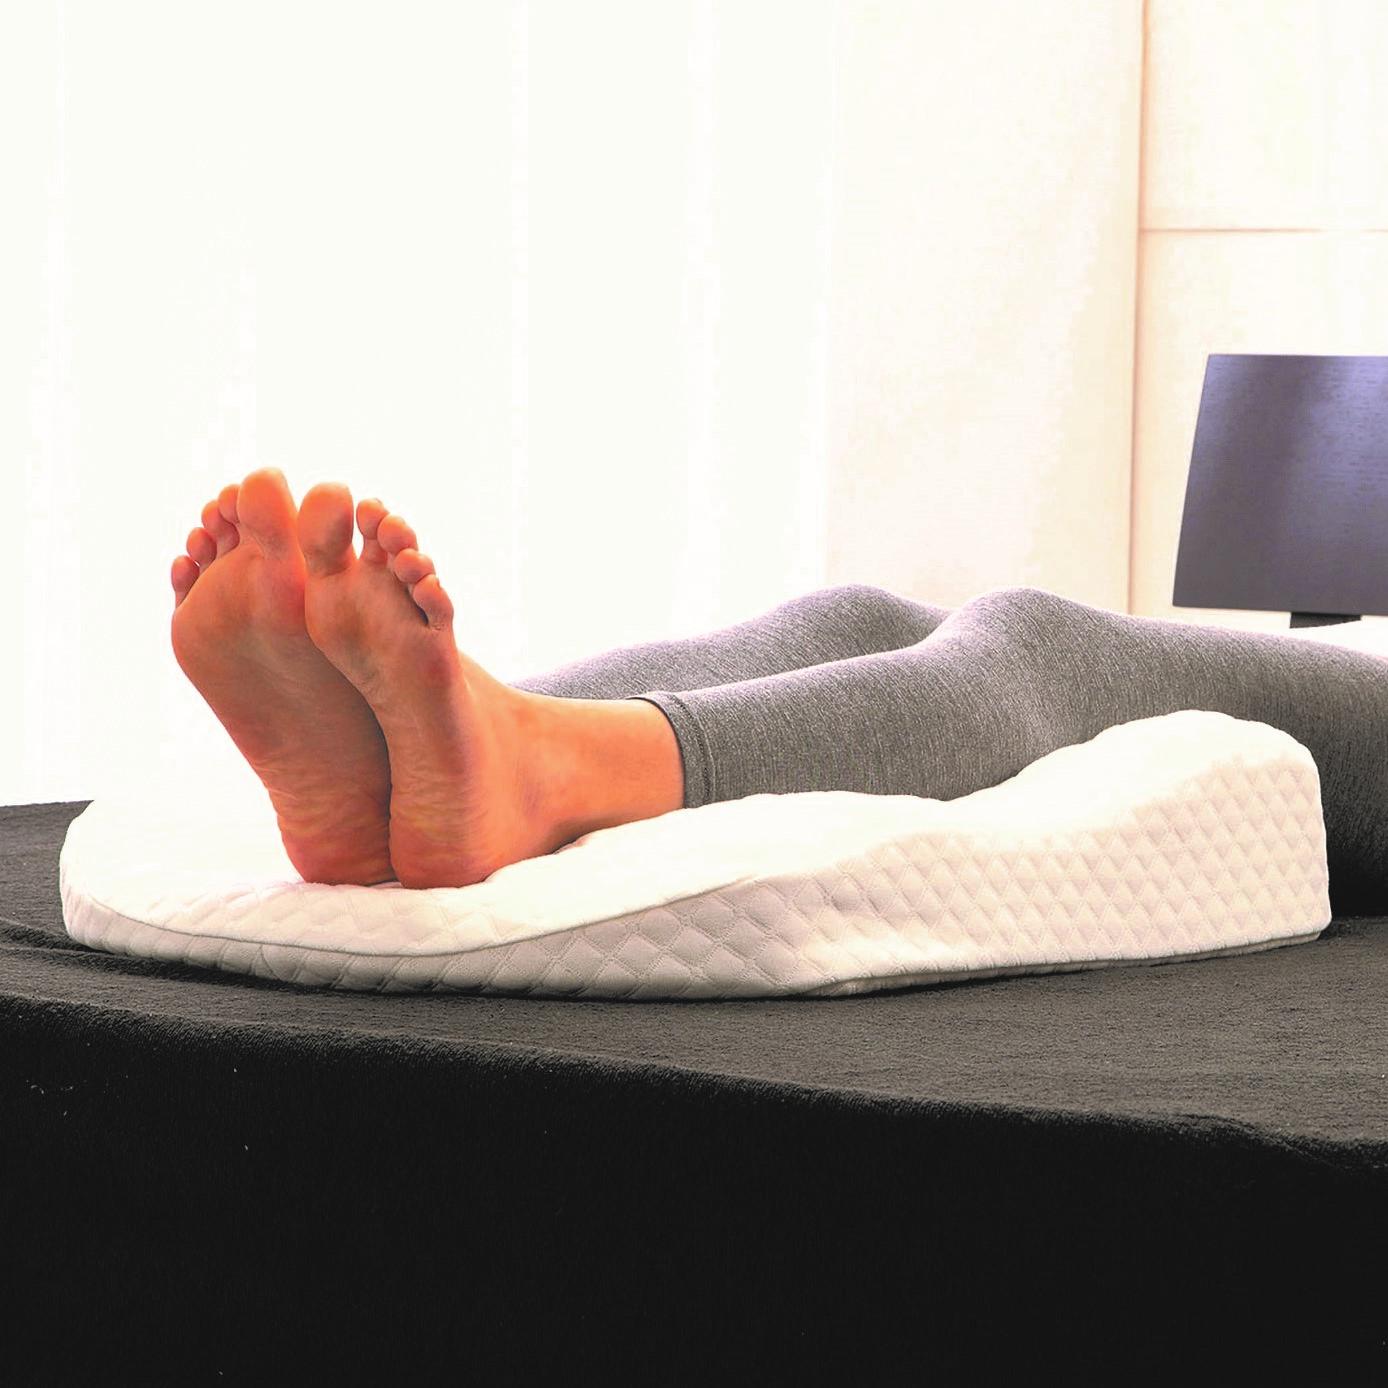 眠れる幸せ3Dもまれる枕(日・ブランドゥ)(週刊新潮DM紹介)